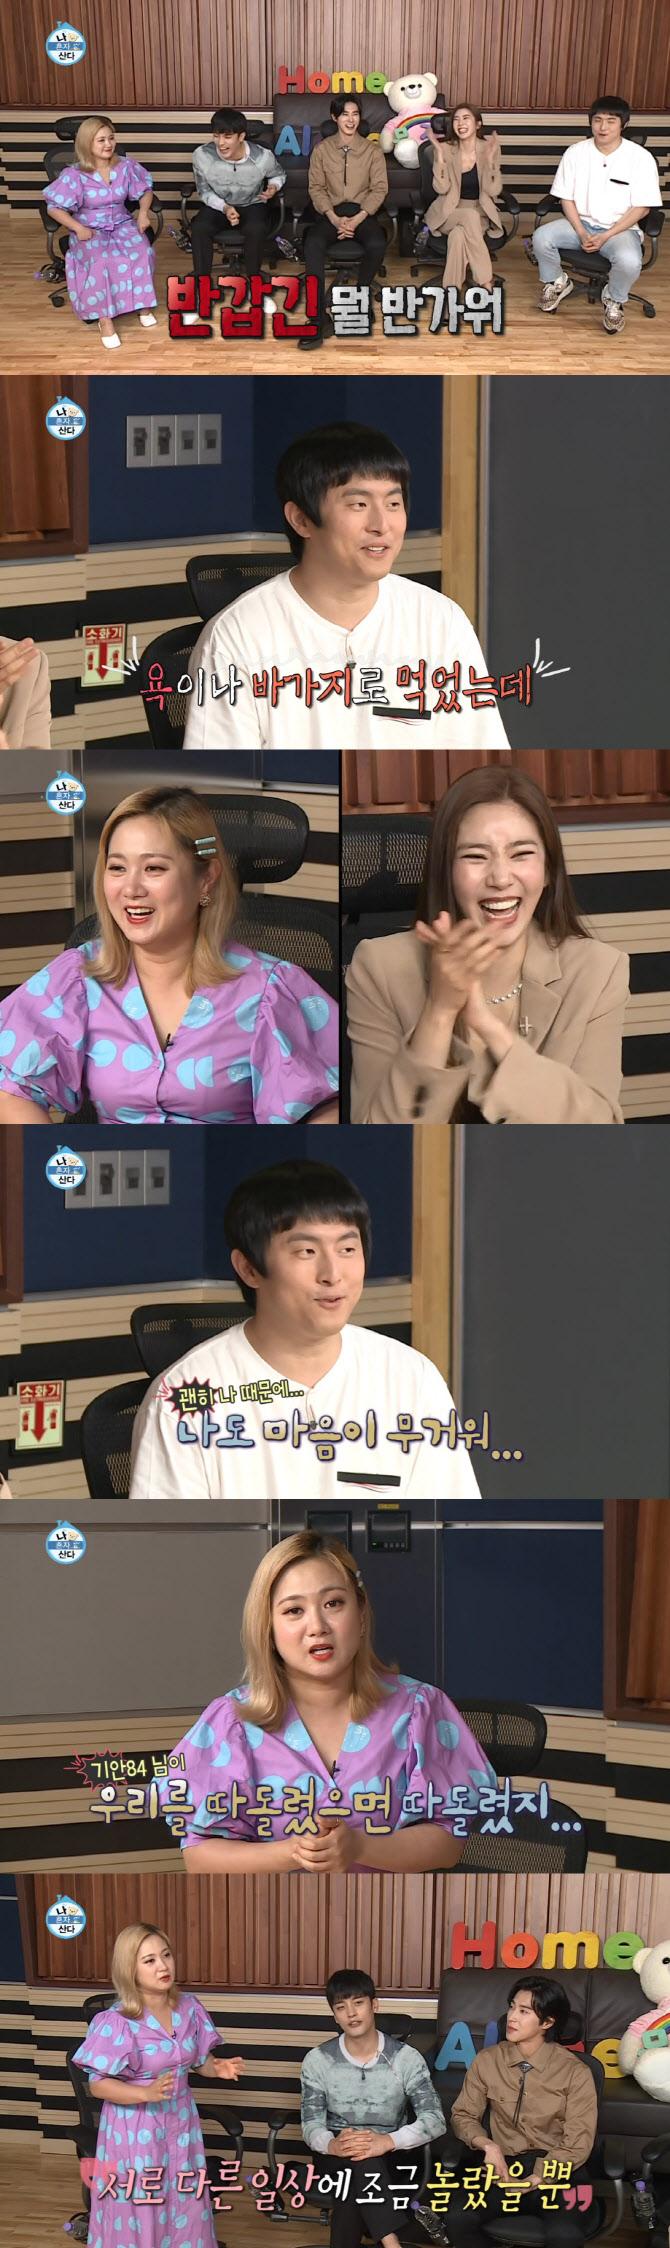 """'나 혼자 산다' 박나래, 기안84 왕따설 해명…손담비 """"끊었던 술 마셔"""""""